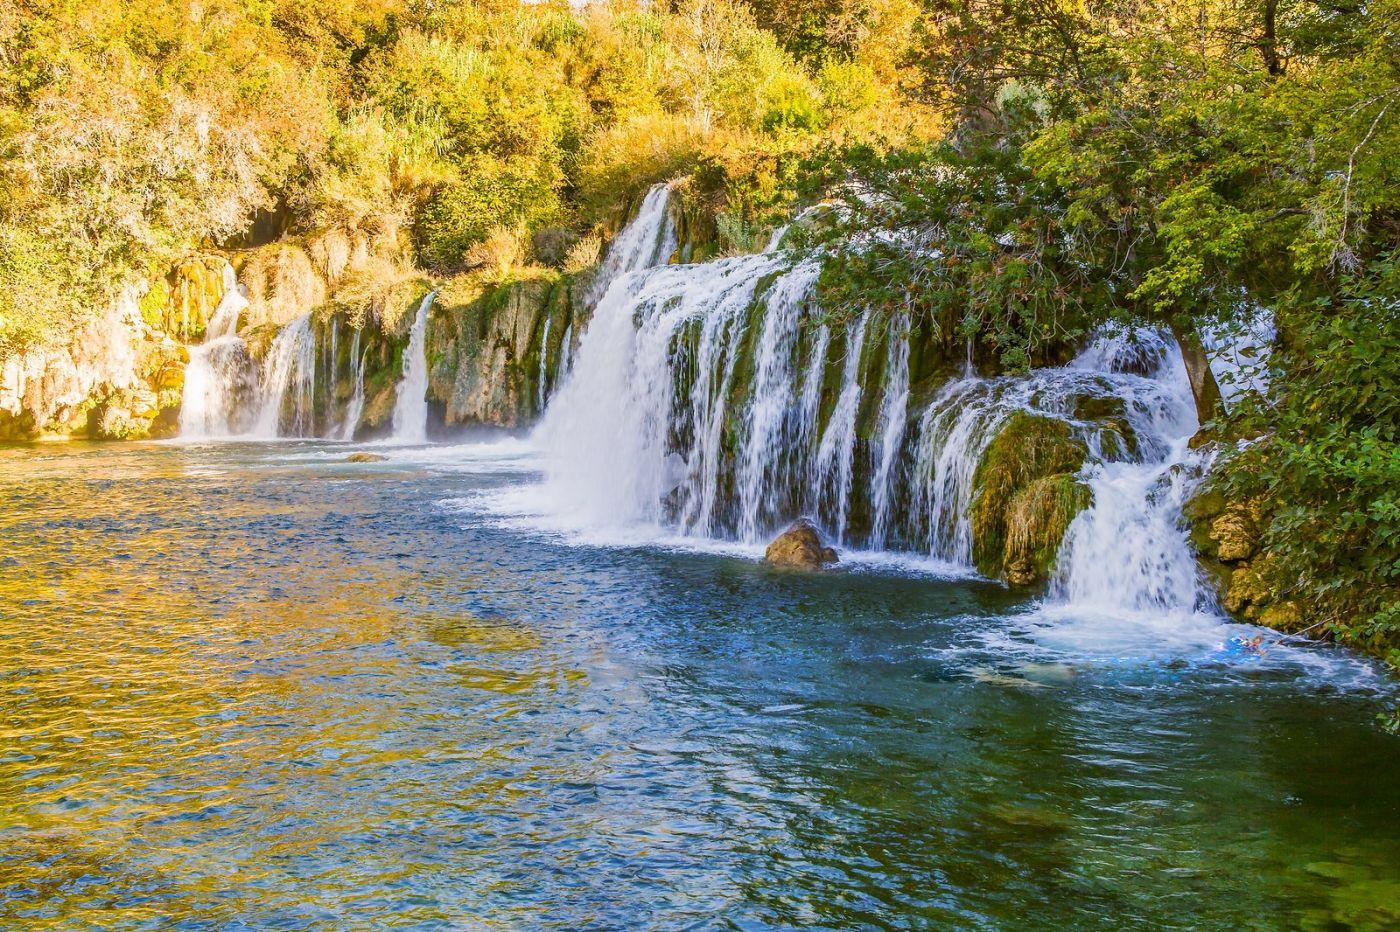 克罗地亚克尔卡国家公园(Krka National Park),瀑布瀑布瀑布_图1-2